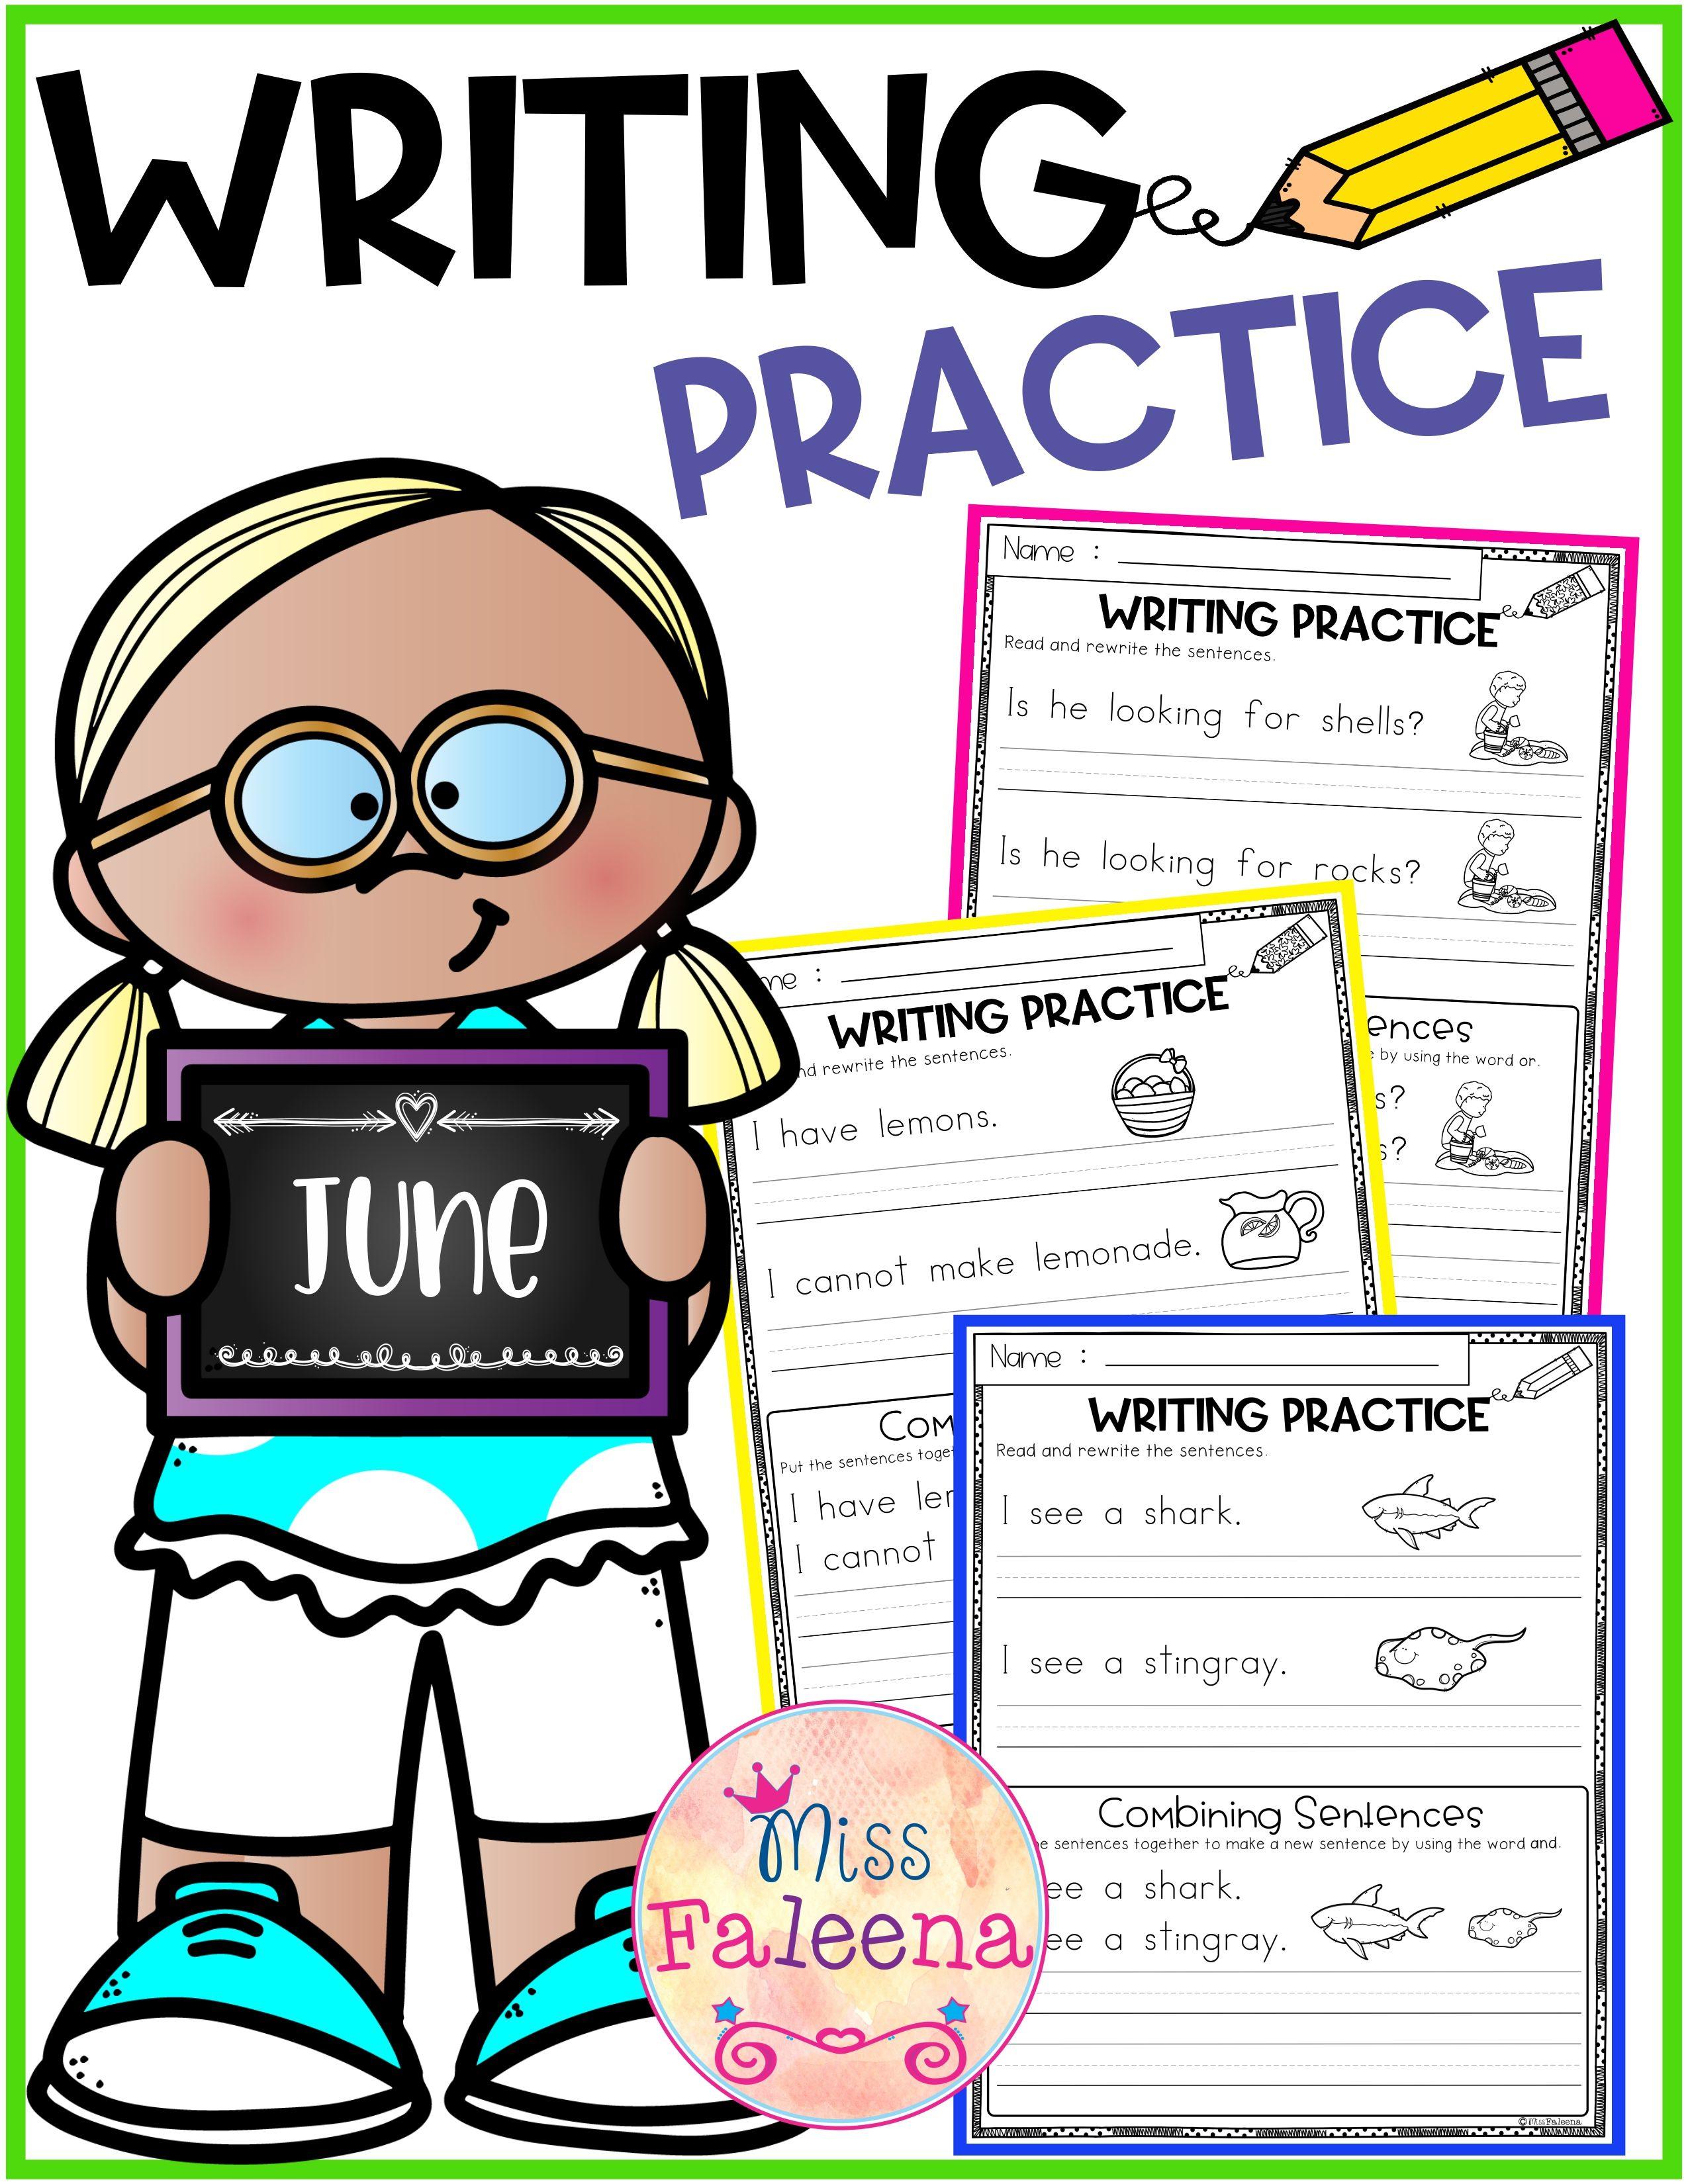 June Writing Practice Combining Sentences